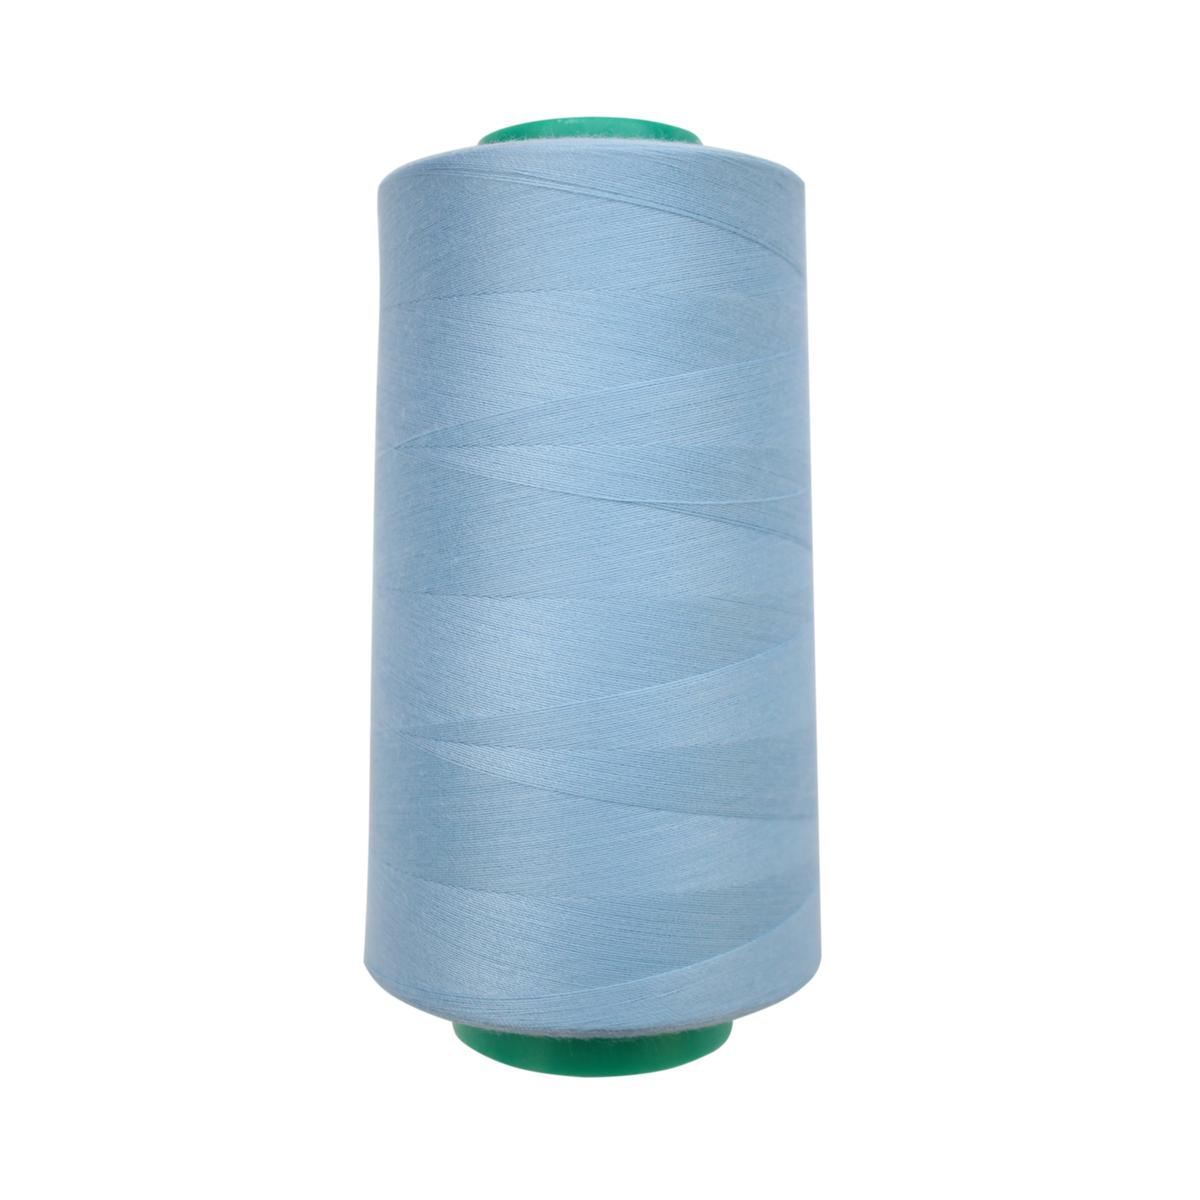 Нитки для шитья Bestex 50/2, 5000 ярд, цвет: небесно-голубой (320)7700936-320Сфера использования: трикотаж; ткани малого веса; оверлочные швы; отделка краев; вышивка. Размер игл №70-80